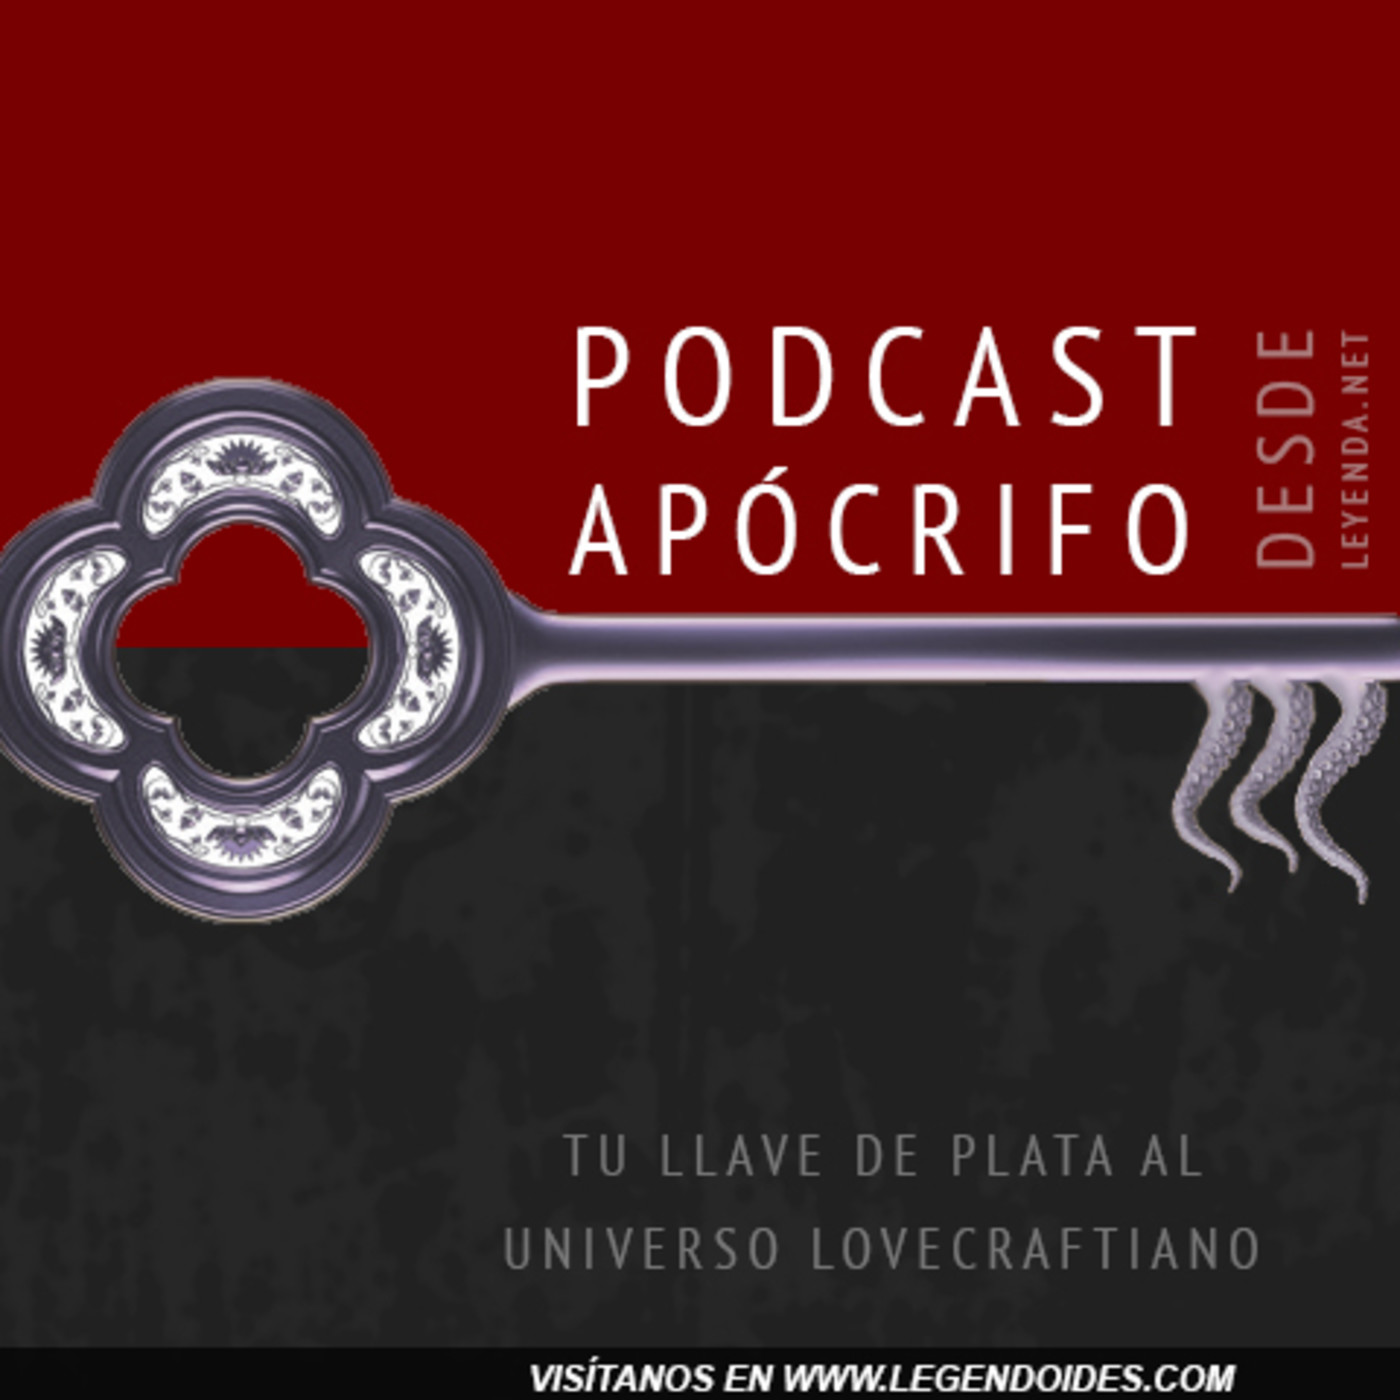 Legendoides: Podcast Apócrifo 1